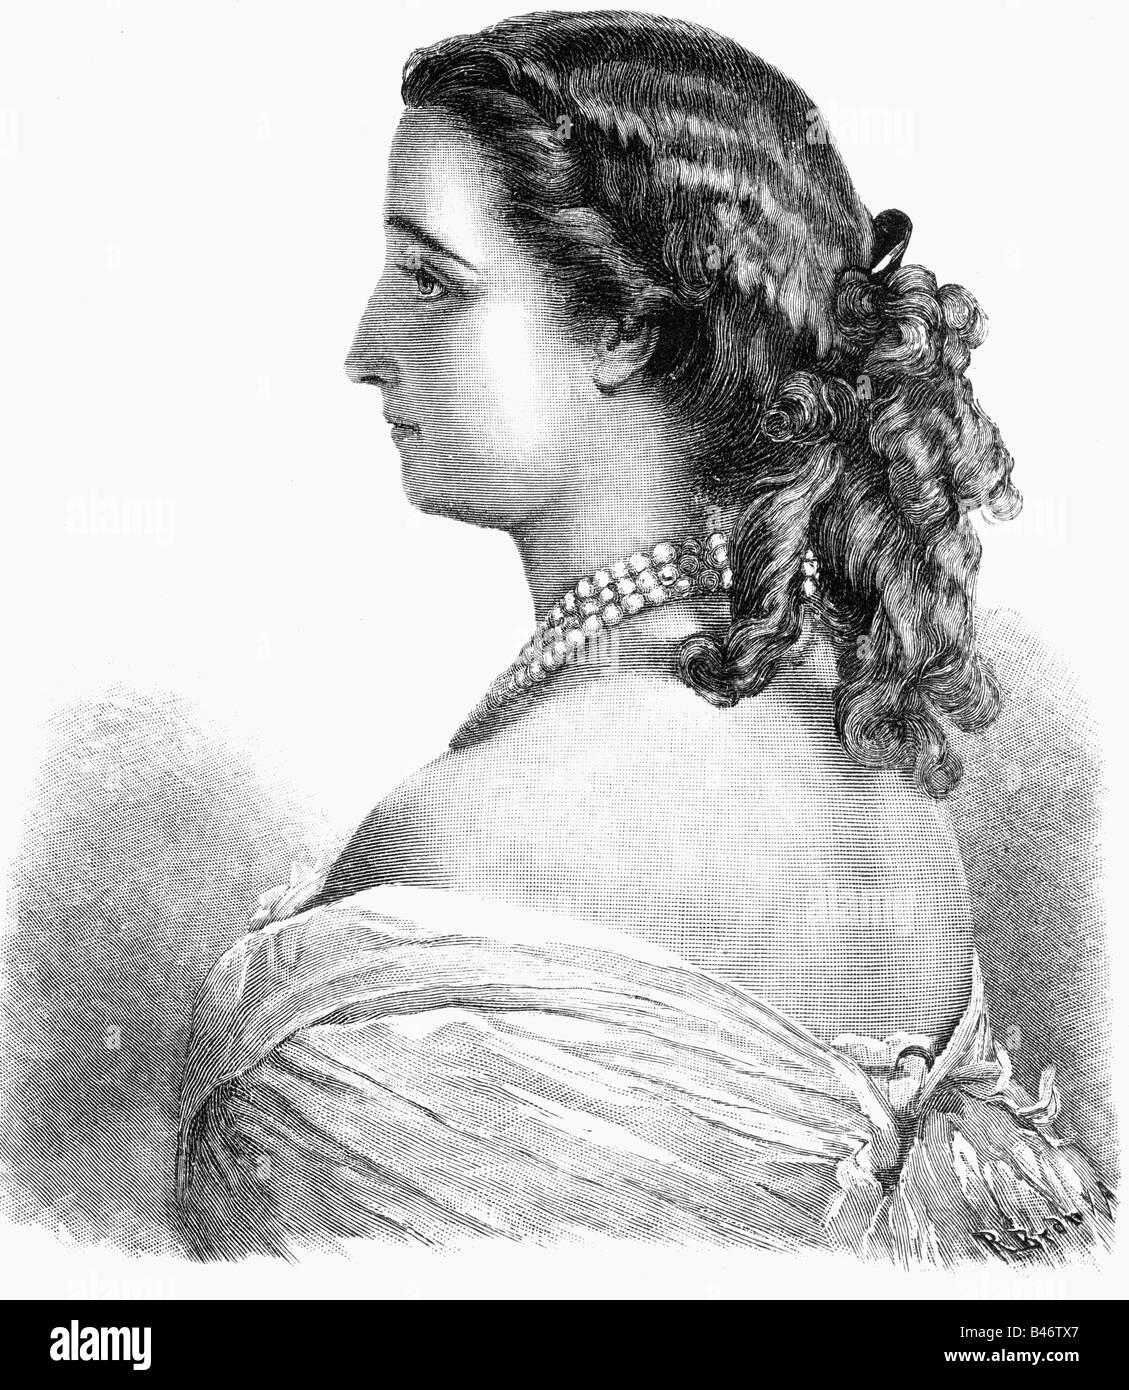 Eugenie, 5.5.1826 - 11.7.1920, Imperatrice consorte di Francia 30.1.1853 - 4.9.1870, a mezza lunghezza e incisione Foto Stock